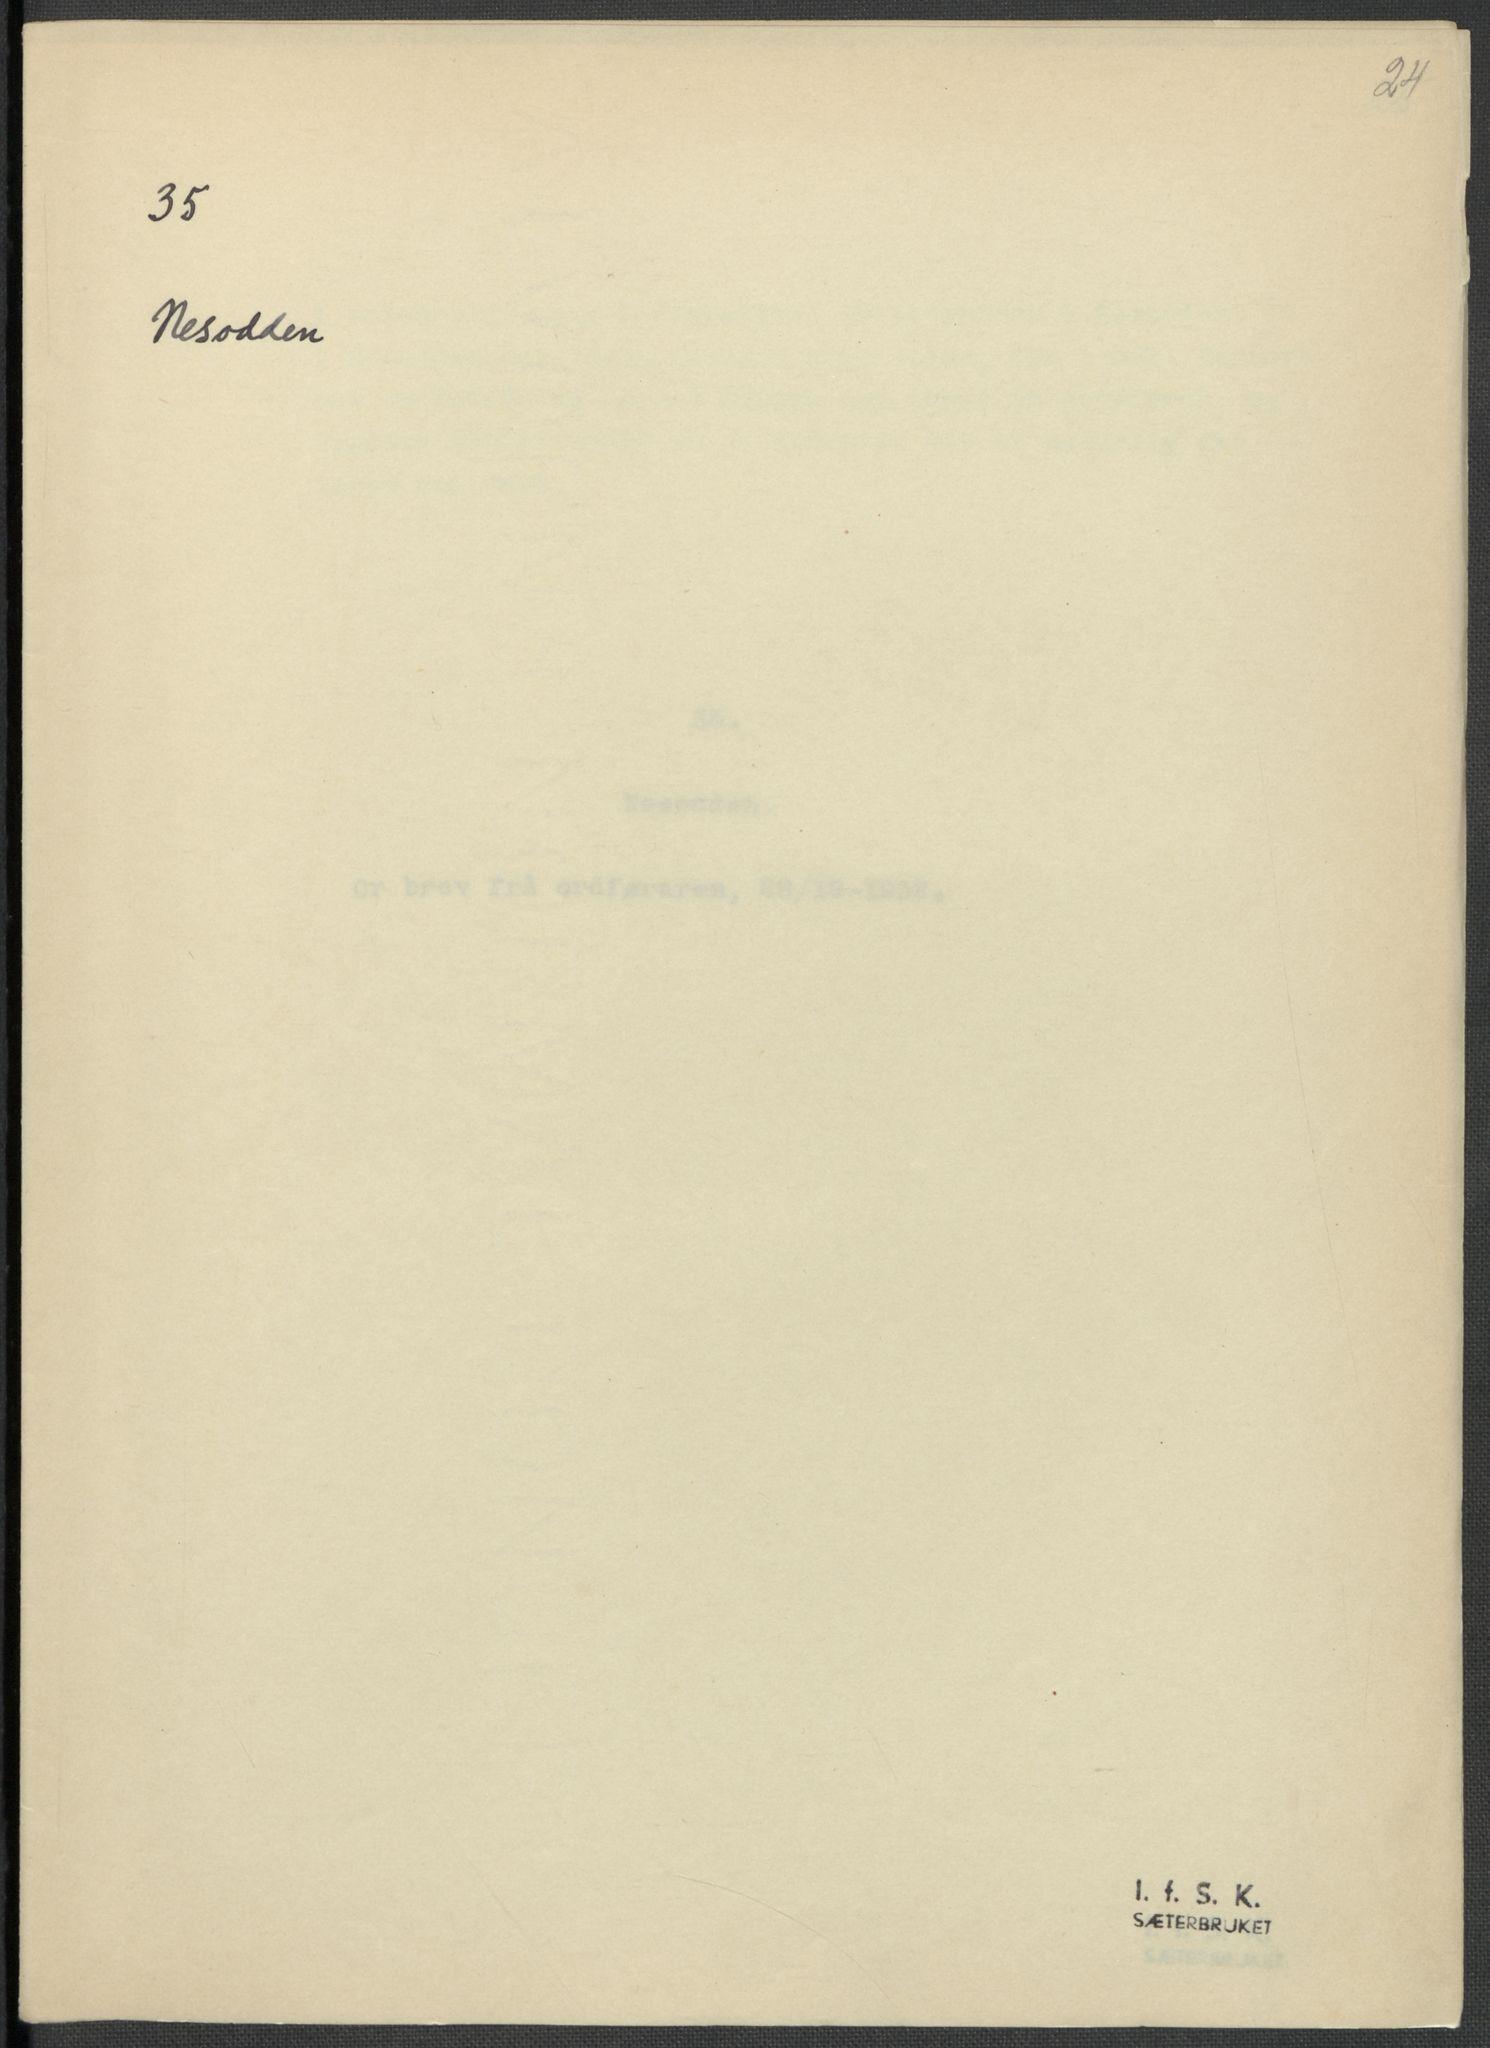 RA, Instituttet for sammenlignende kulturforskning, F/Fc/L0002: Eske B2:, 1932-1936, s. 24